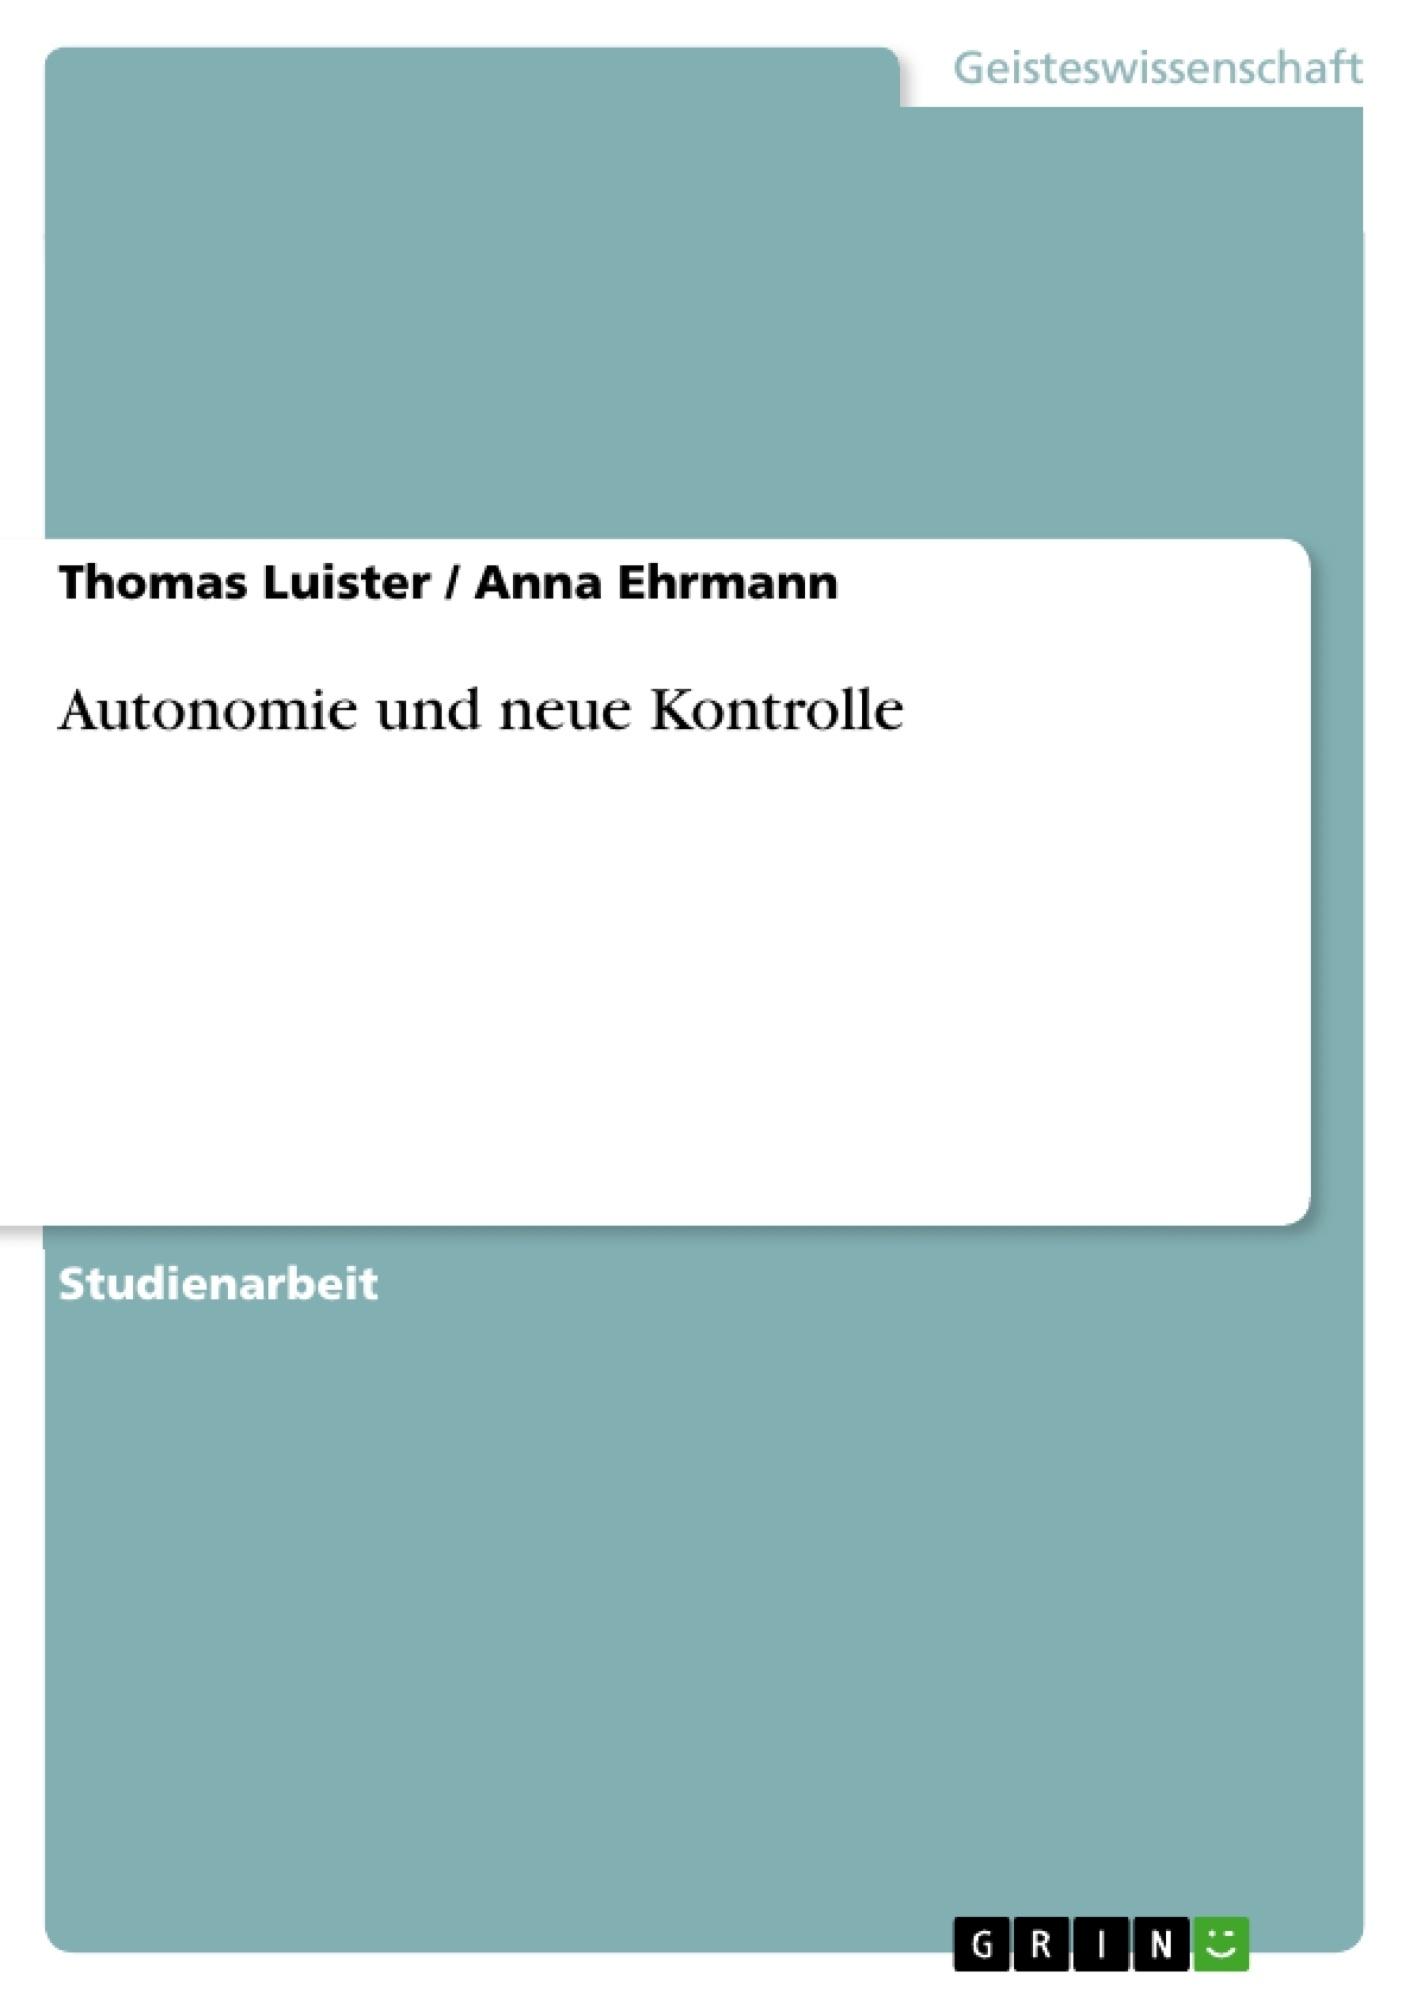 Titel: Autonomie und neue Kontrolle